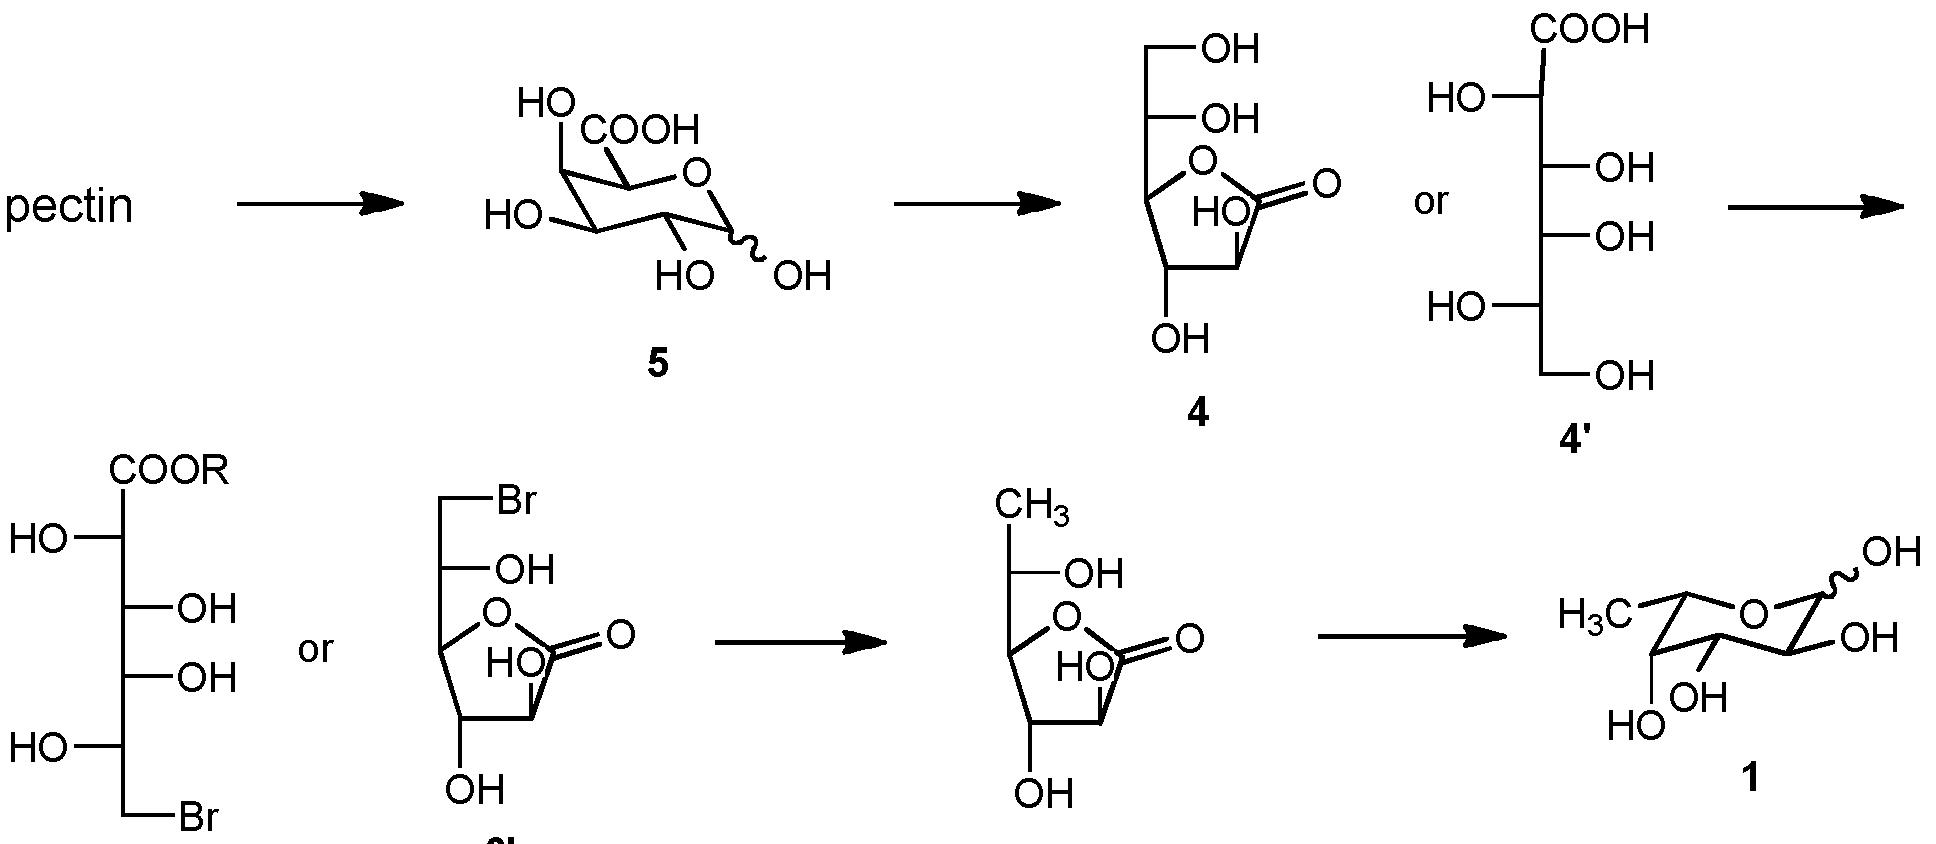 Cbr Lewis Structure